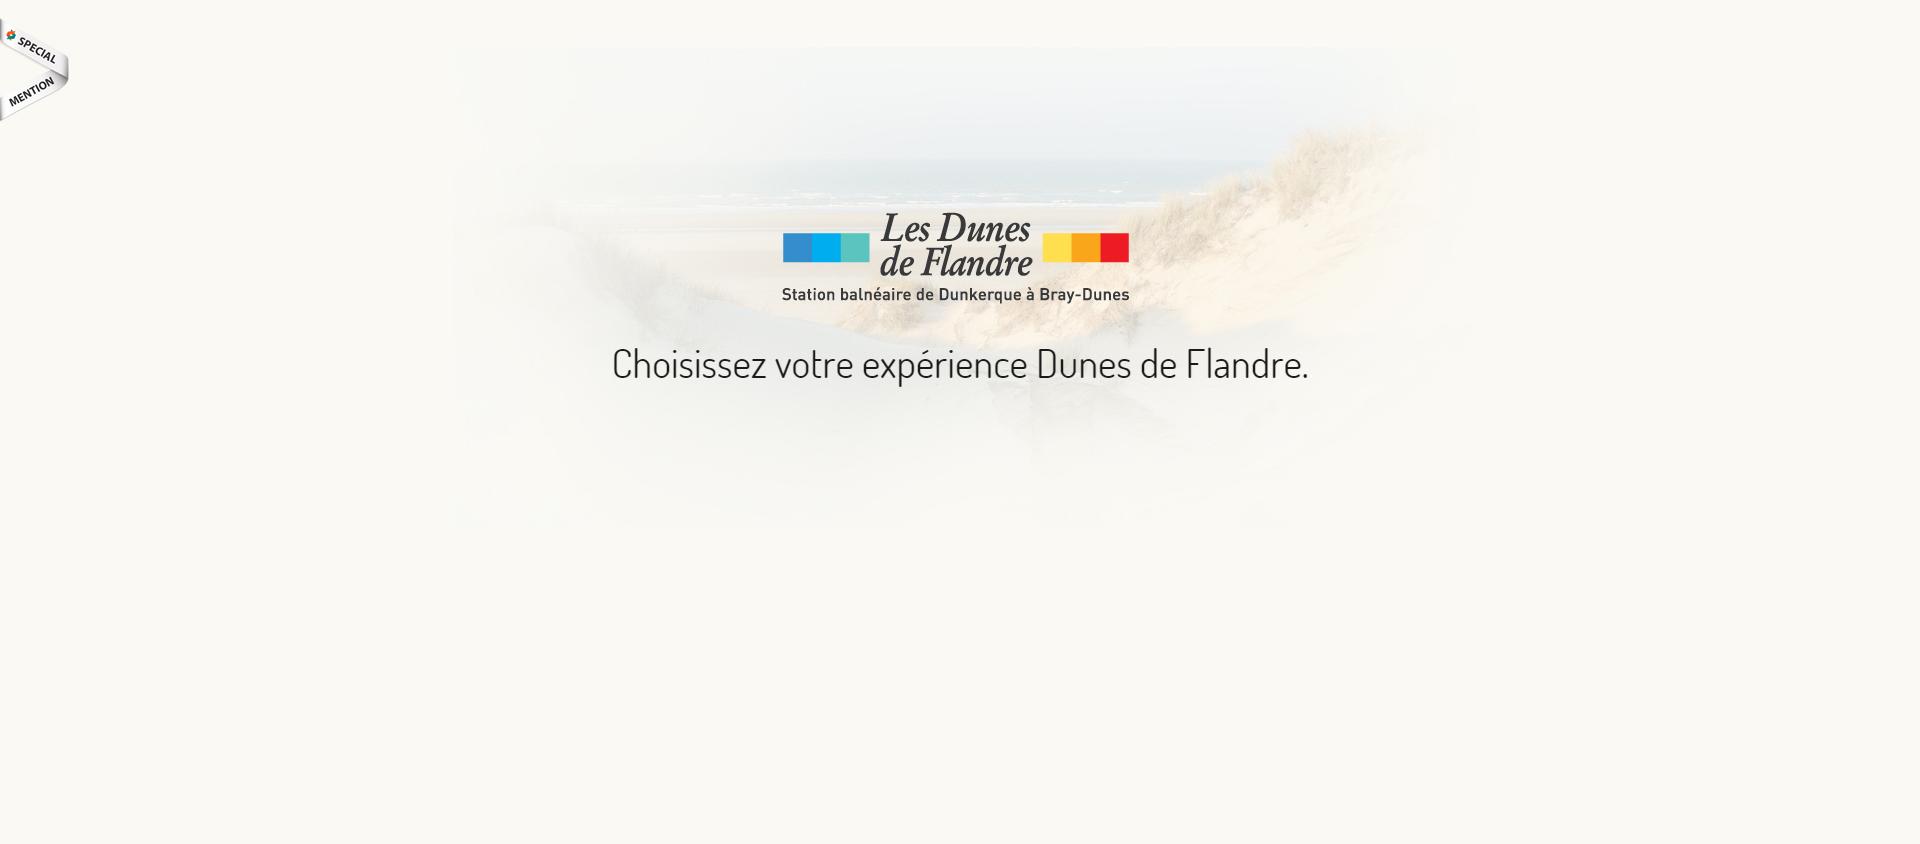 Application météo des Dunes de Flandre